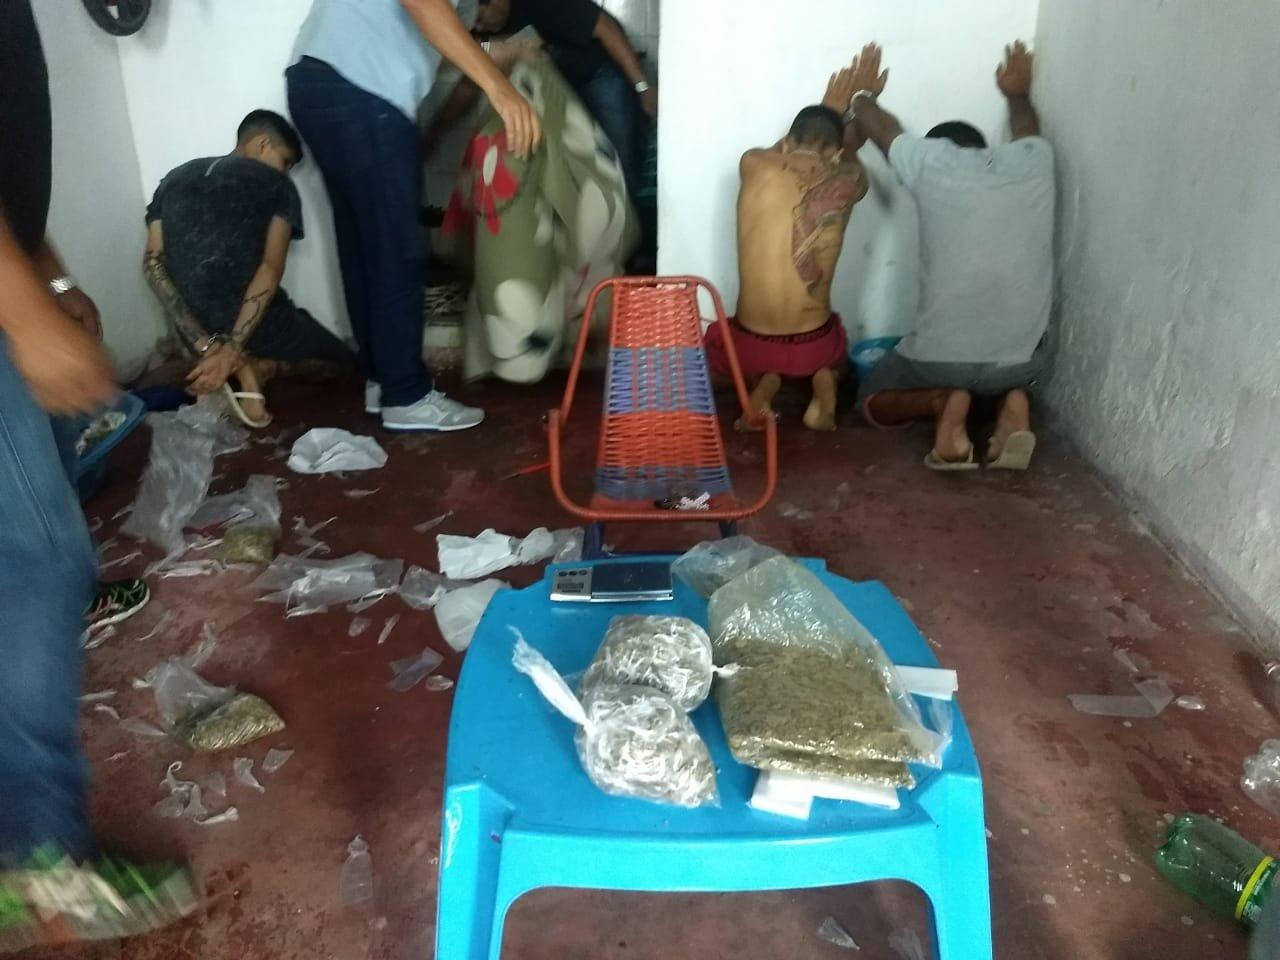 Polícia prende trio com 300 'trouxinhas' de maconha no bairro Alvorada